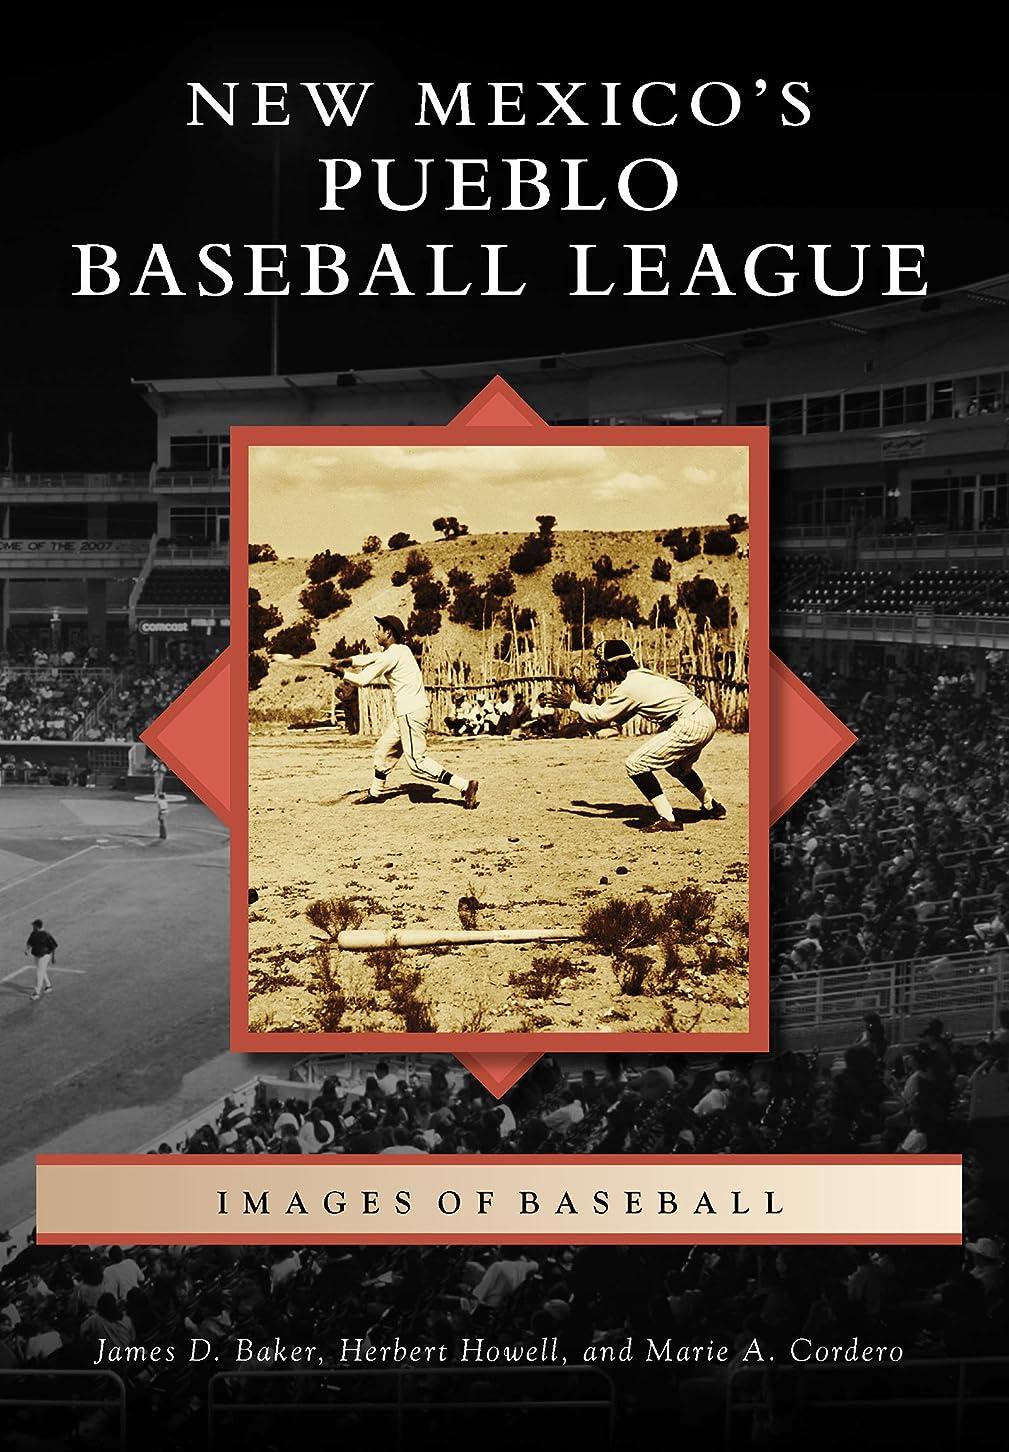 良心的サイドボード座標New Mexico's Pueblo Baseball League (Images of Baseball) (English Edition)